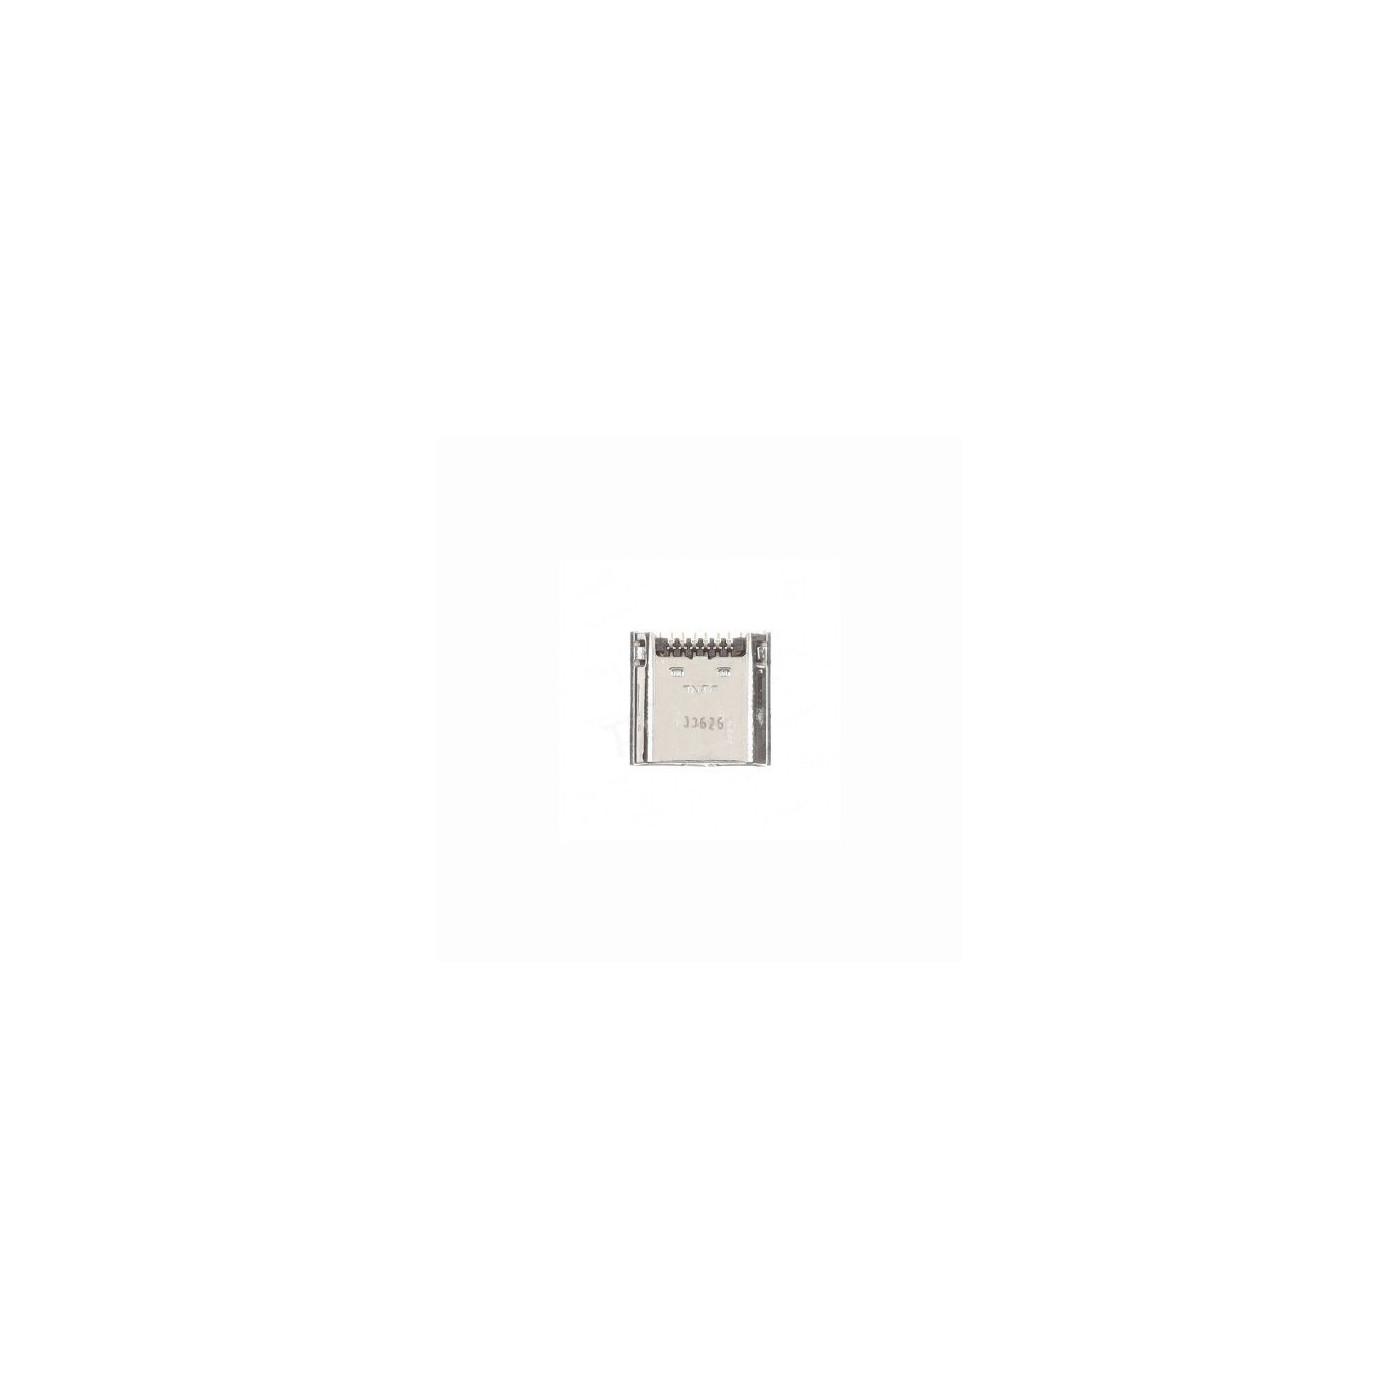 Connettore di ricarica Samsung Galaxy Tab 3 T210 flat dock dati carica